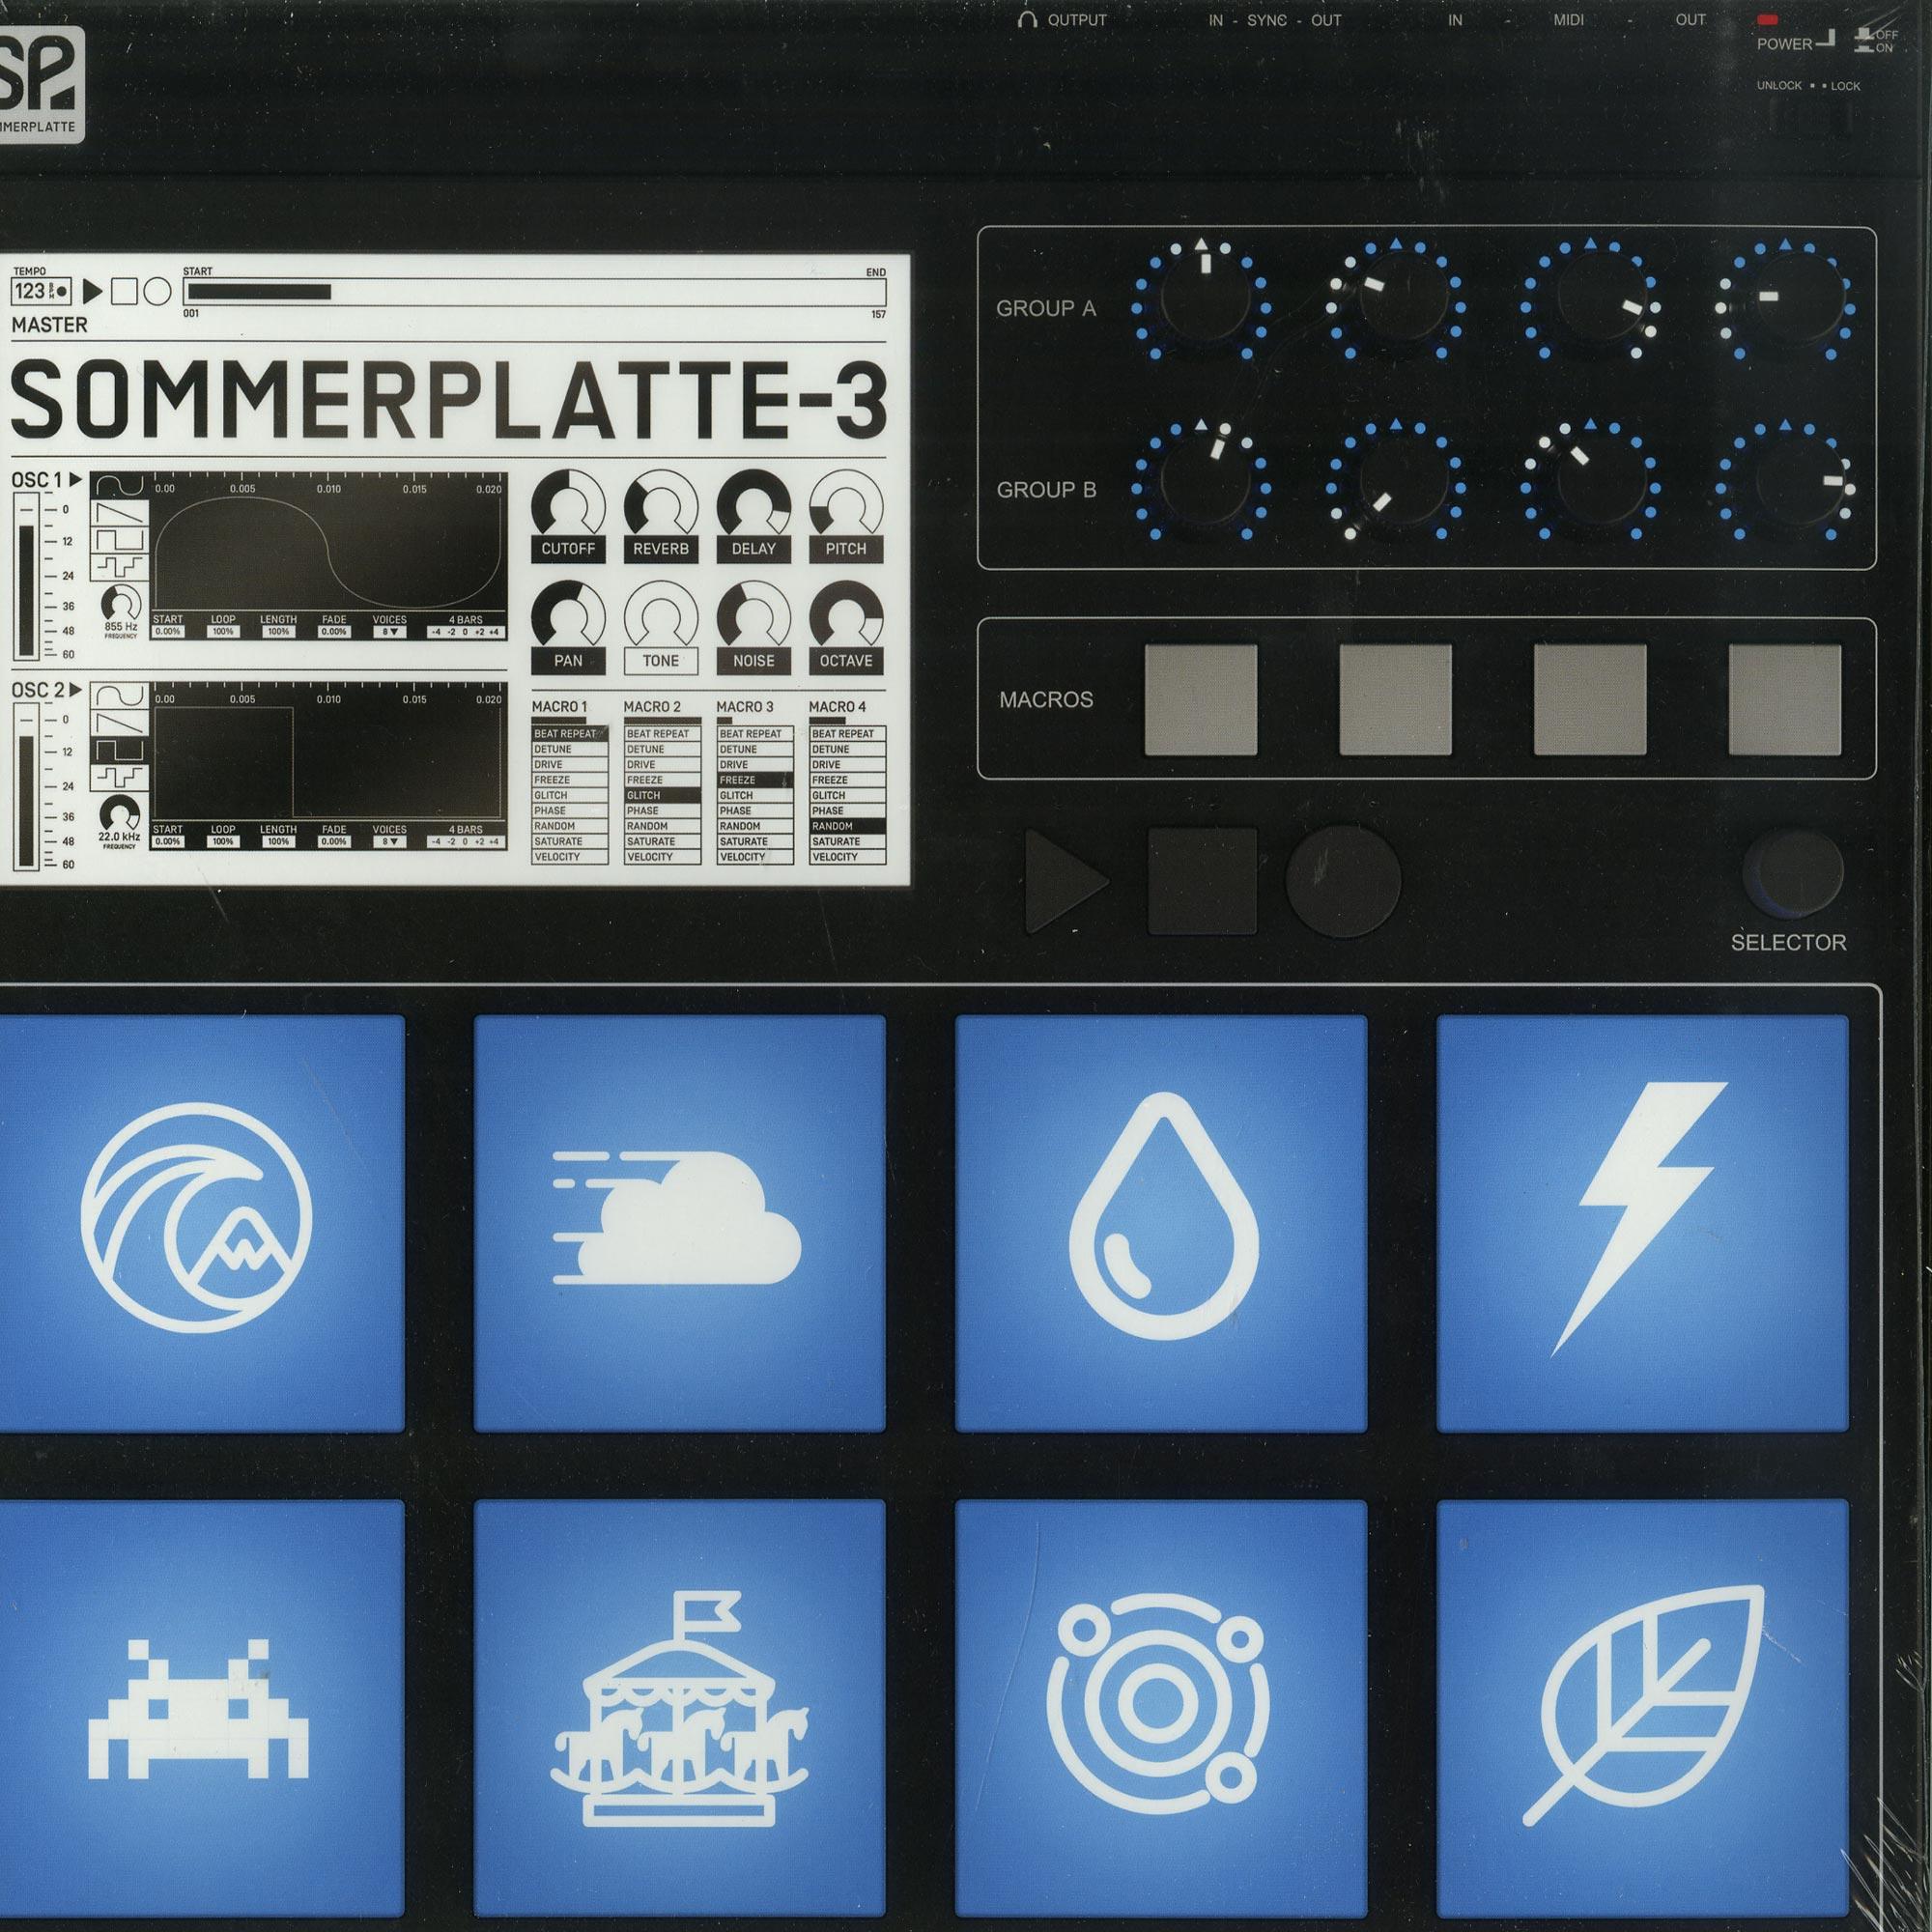 Sommerplatte - 3